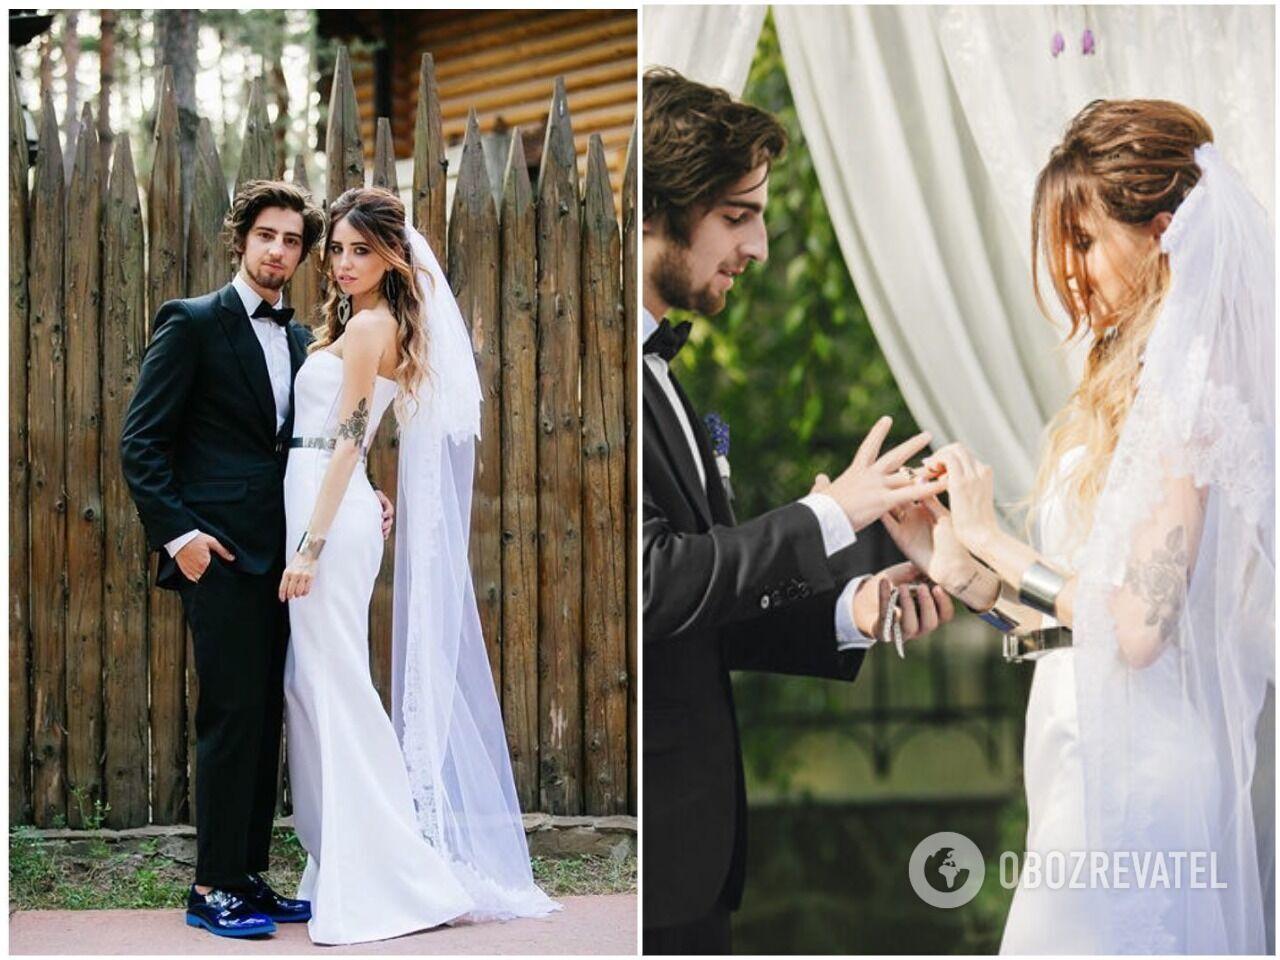 """Дантес і Дорофеєва назвали своє весілля """"лавандовим"""""""